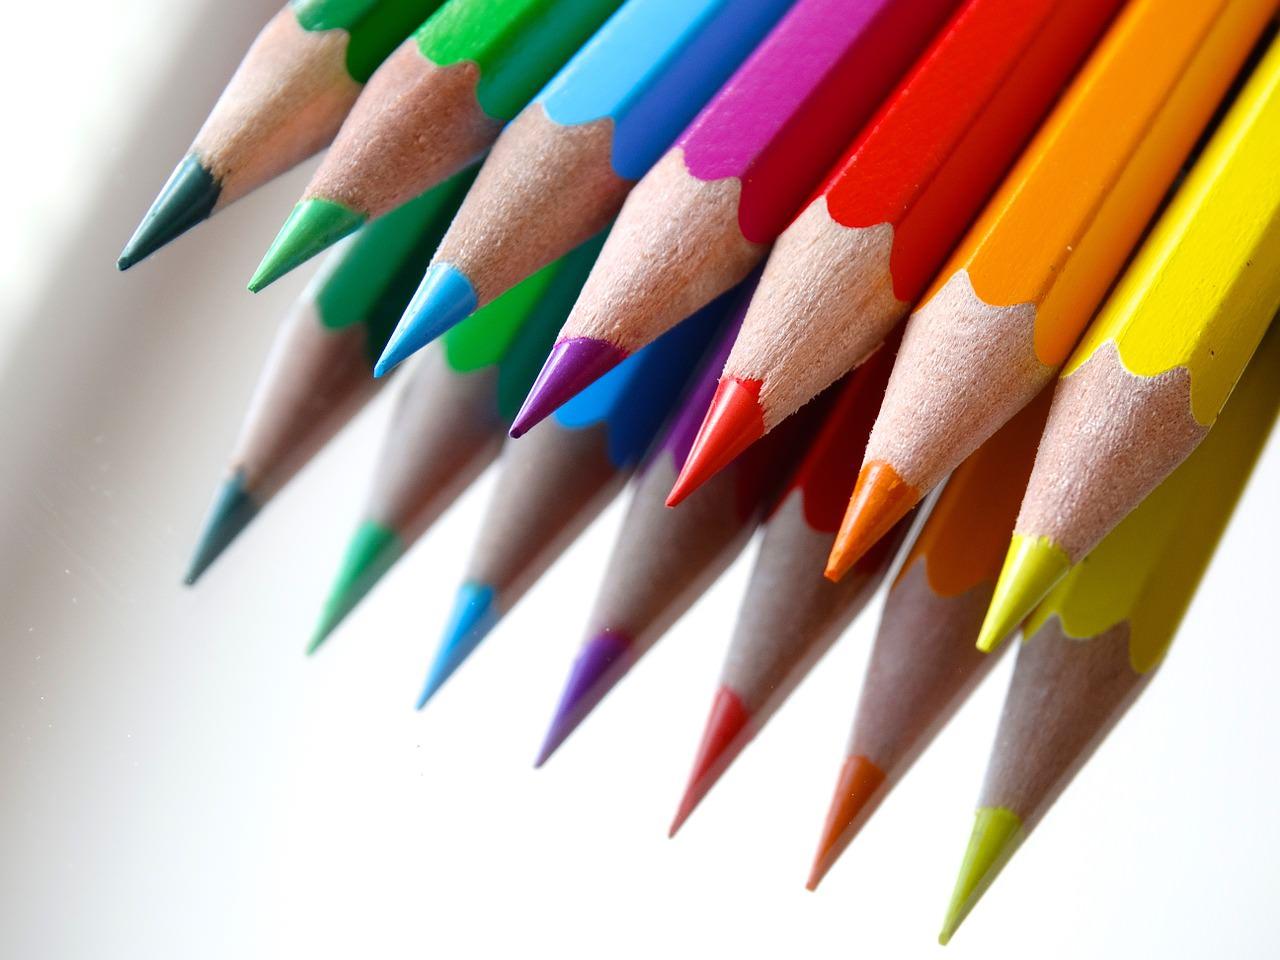 Textes et couleurs: les jargons du domaine